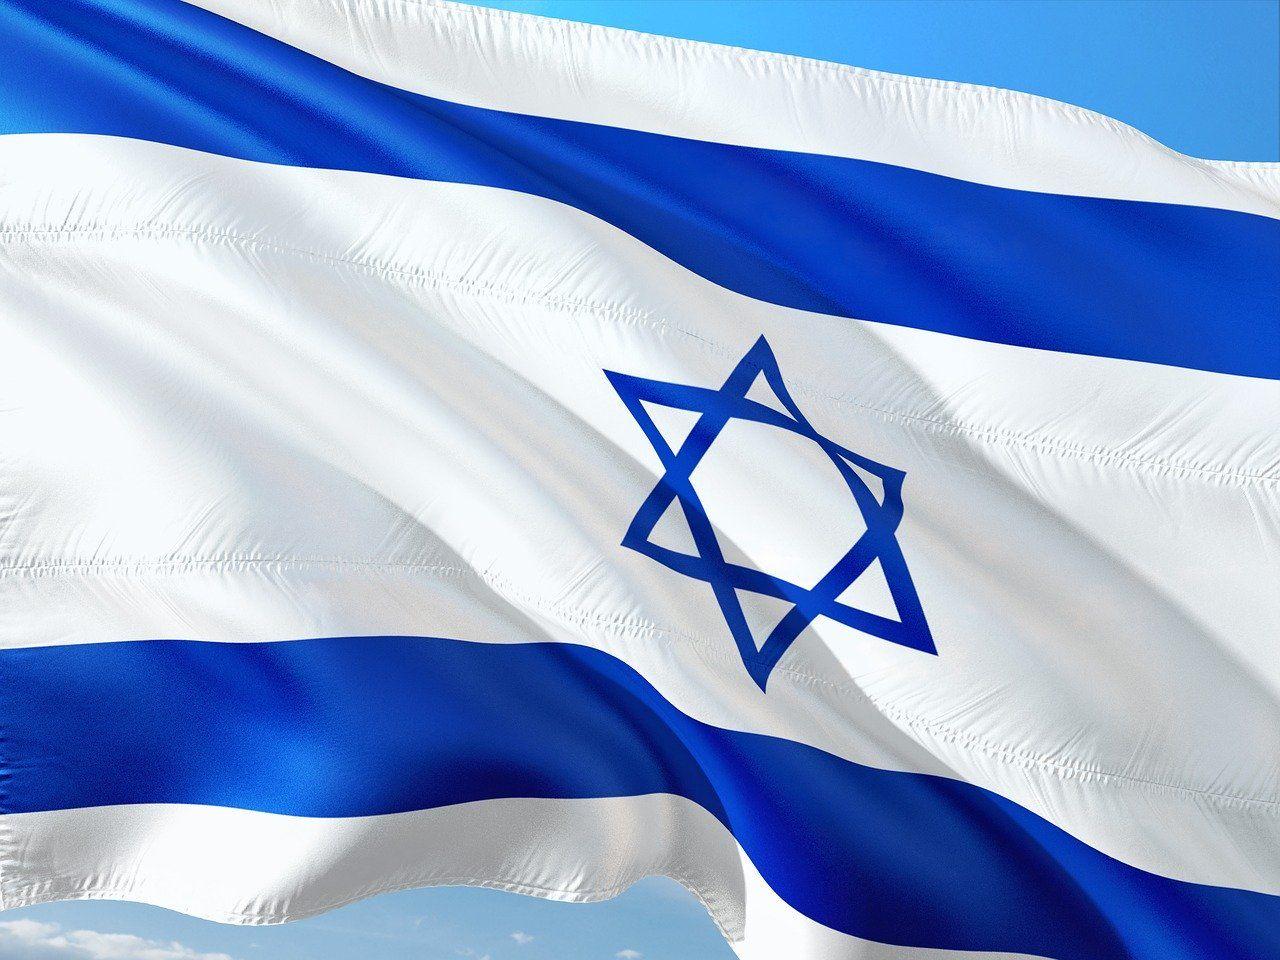 Израиль отказался от перемирия с палестинскими группировками – СМИ